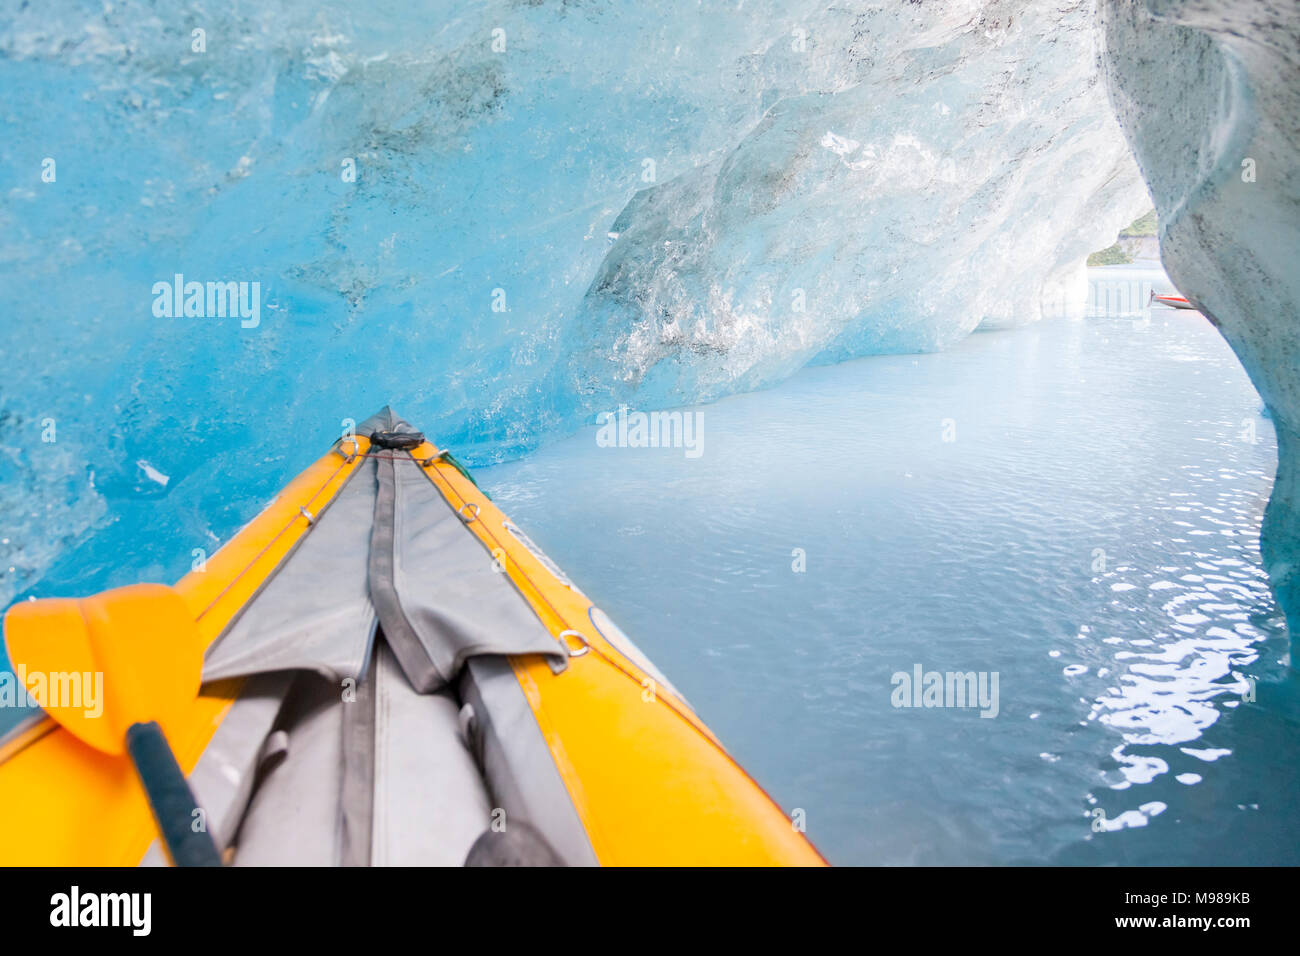 USA, Alaska, Valdez-Glacier, kajak in ice cave - Stock Image